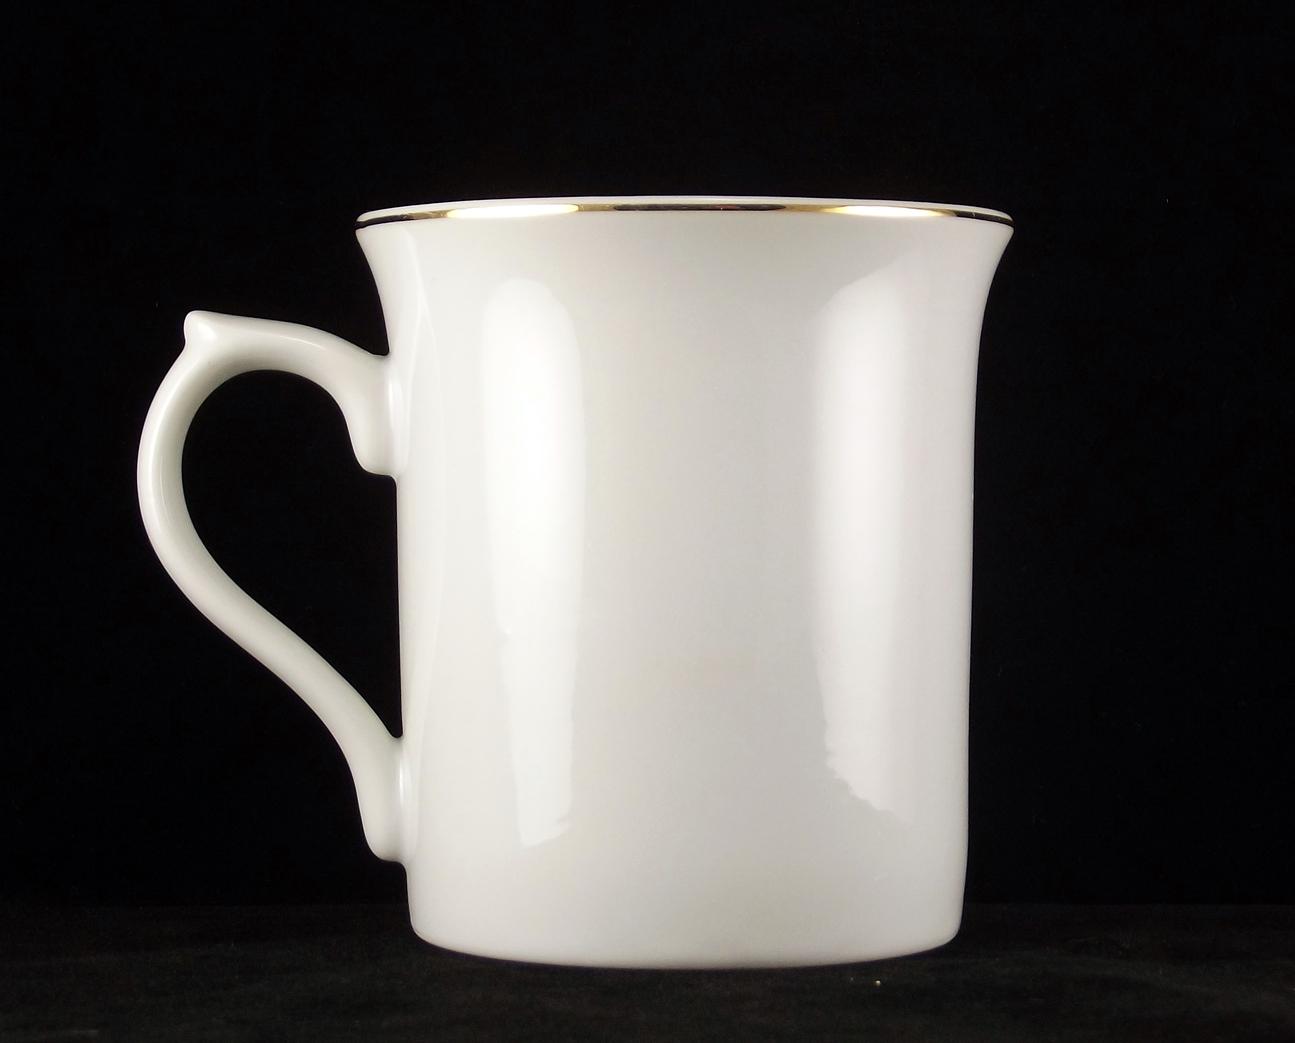 Vintage porcelain mug Christmas old fashioned Santa Claus design made in Japan